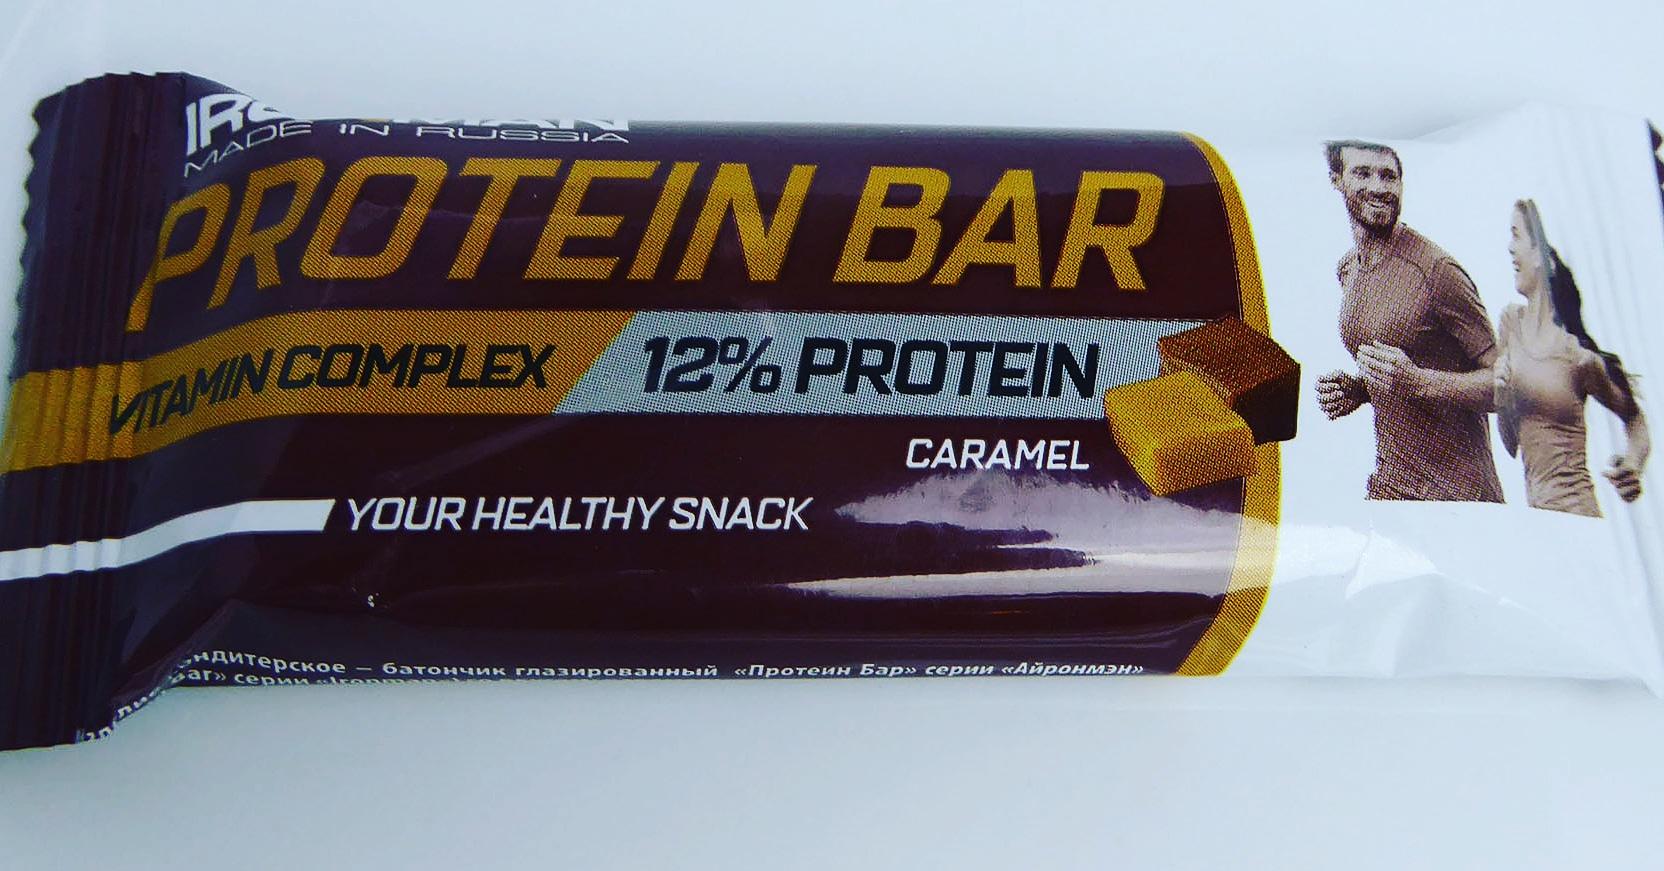 Ironman Protein Bar Proteinbar Proteinriegel Eiweißriegel